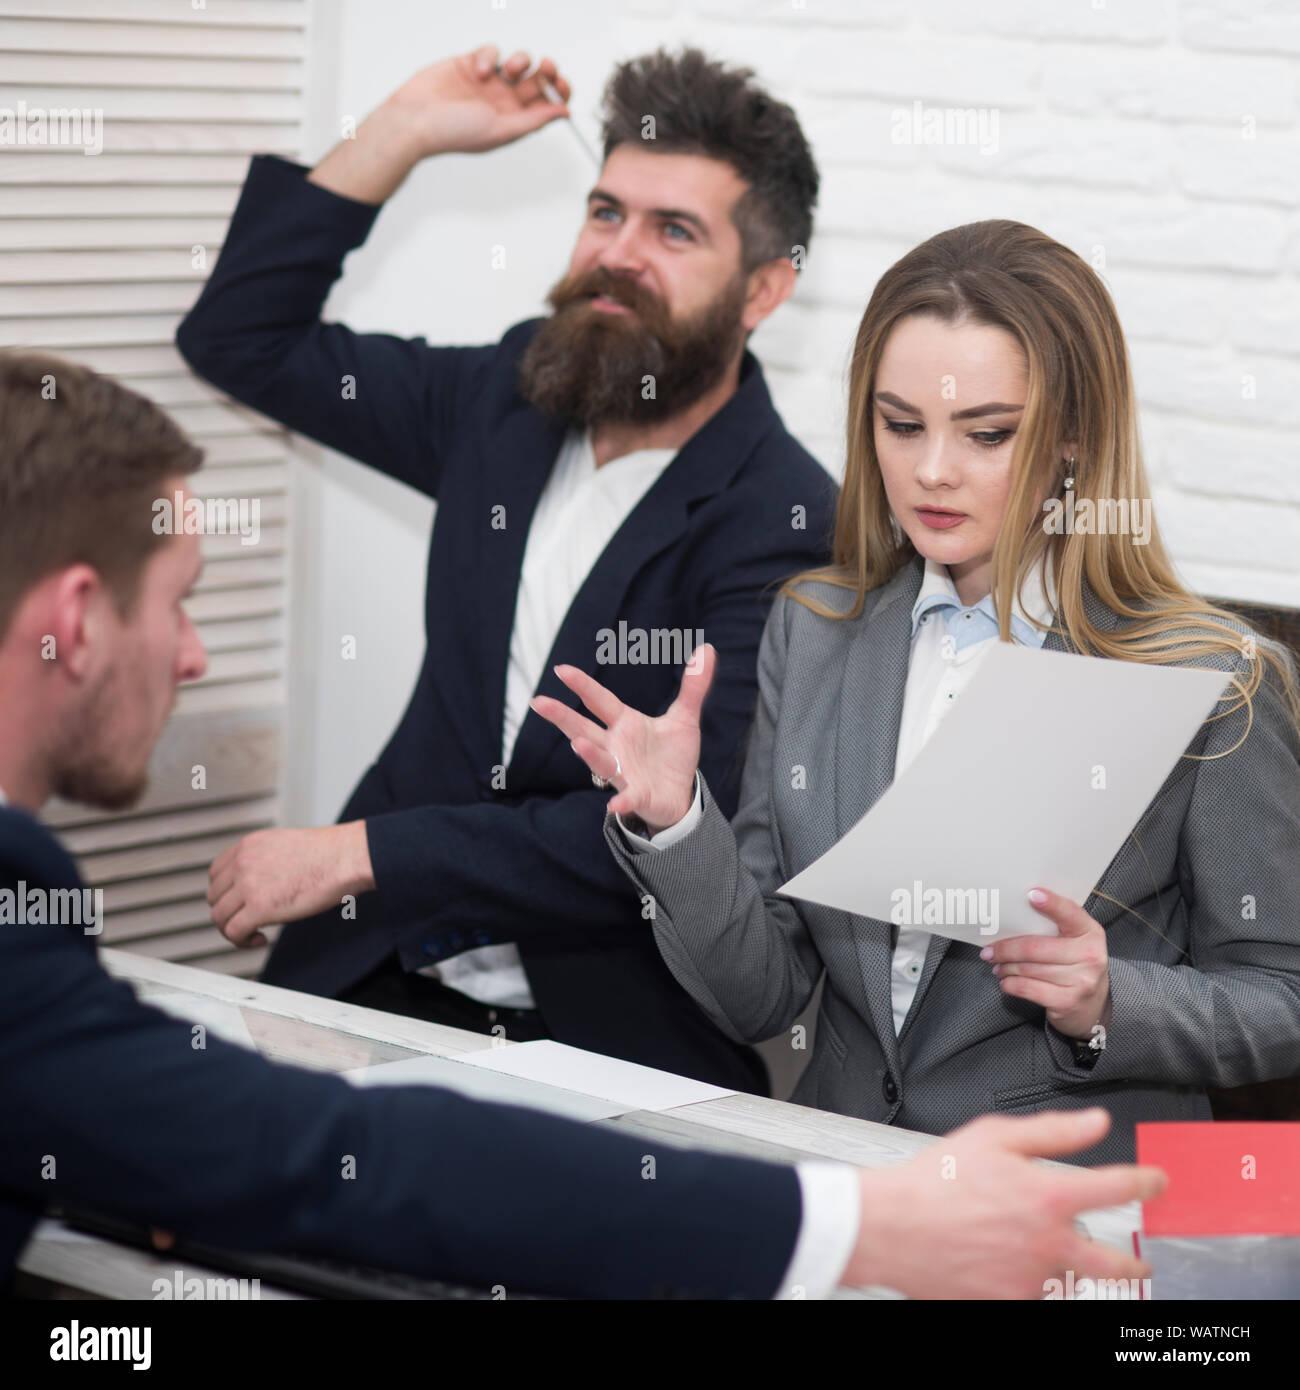 Geschäftsverhandlungen, diskutieren, arbeiten. Büro Atmosphäre Konzept. Lady Manager versucht, arbeiten mit Kollegen im Büro zu organisieren Stockfoto